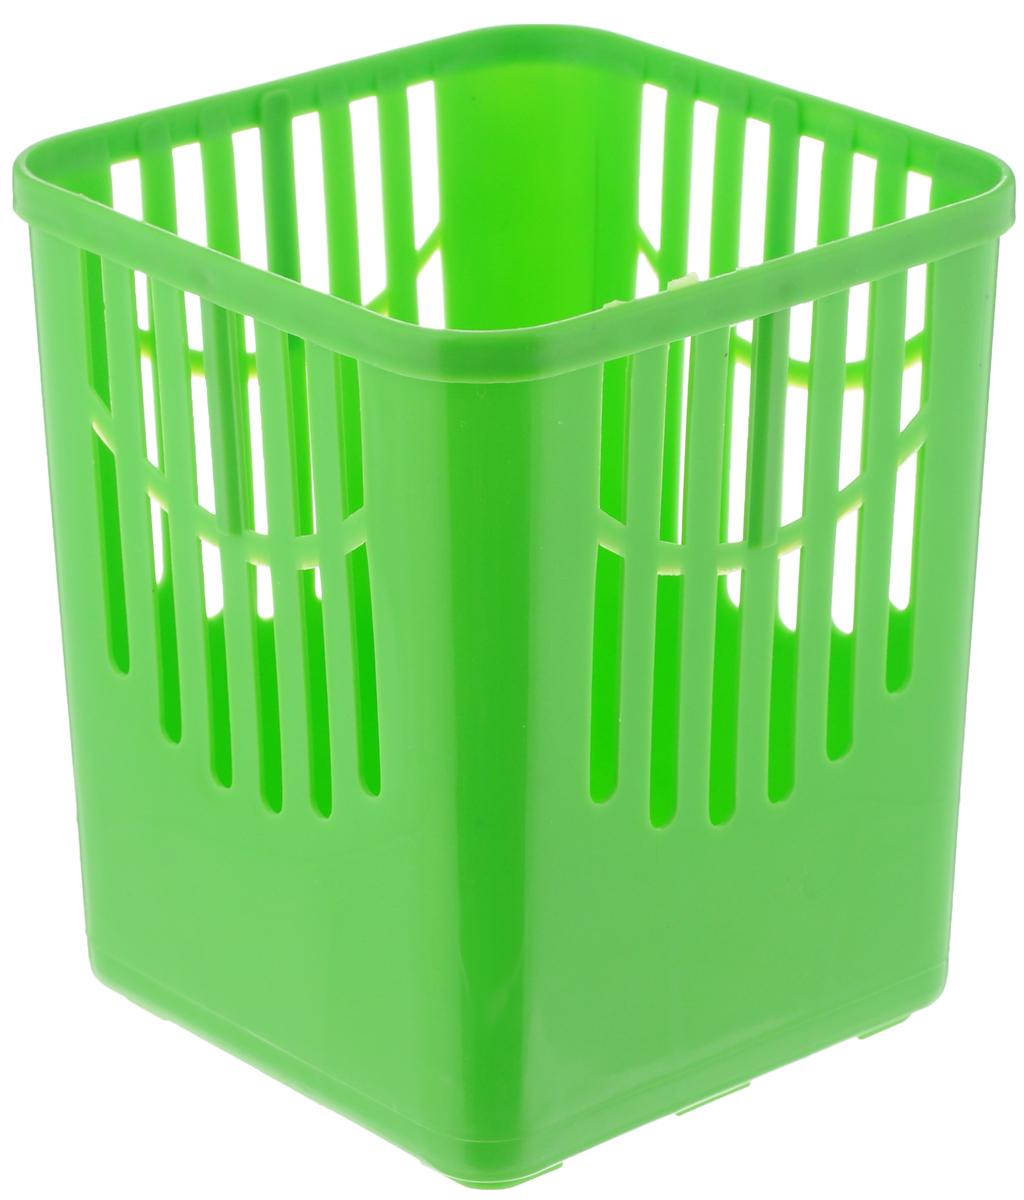 Подставка для столовых приборов Axentia, цвет: салатовый, 10,5 х 10,5 х 12,5 см232039_салатовыйПодставка для столовых приборов Axentia, выполненная из высококачественного пластика, станет полезным приобретением для вашей кухни. Она хорошо впишется в интерьер, не займет много места, а столовые приборы будут всегда под рукой. Размер подставки: 10,5 х 10,5 х 12,5 см.